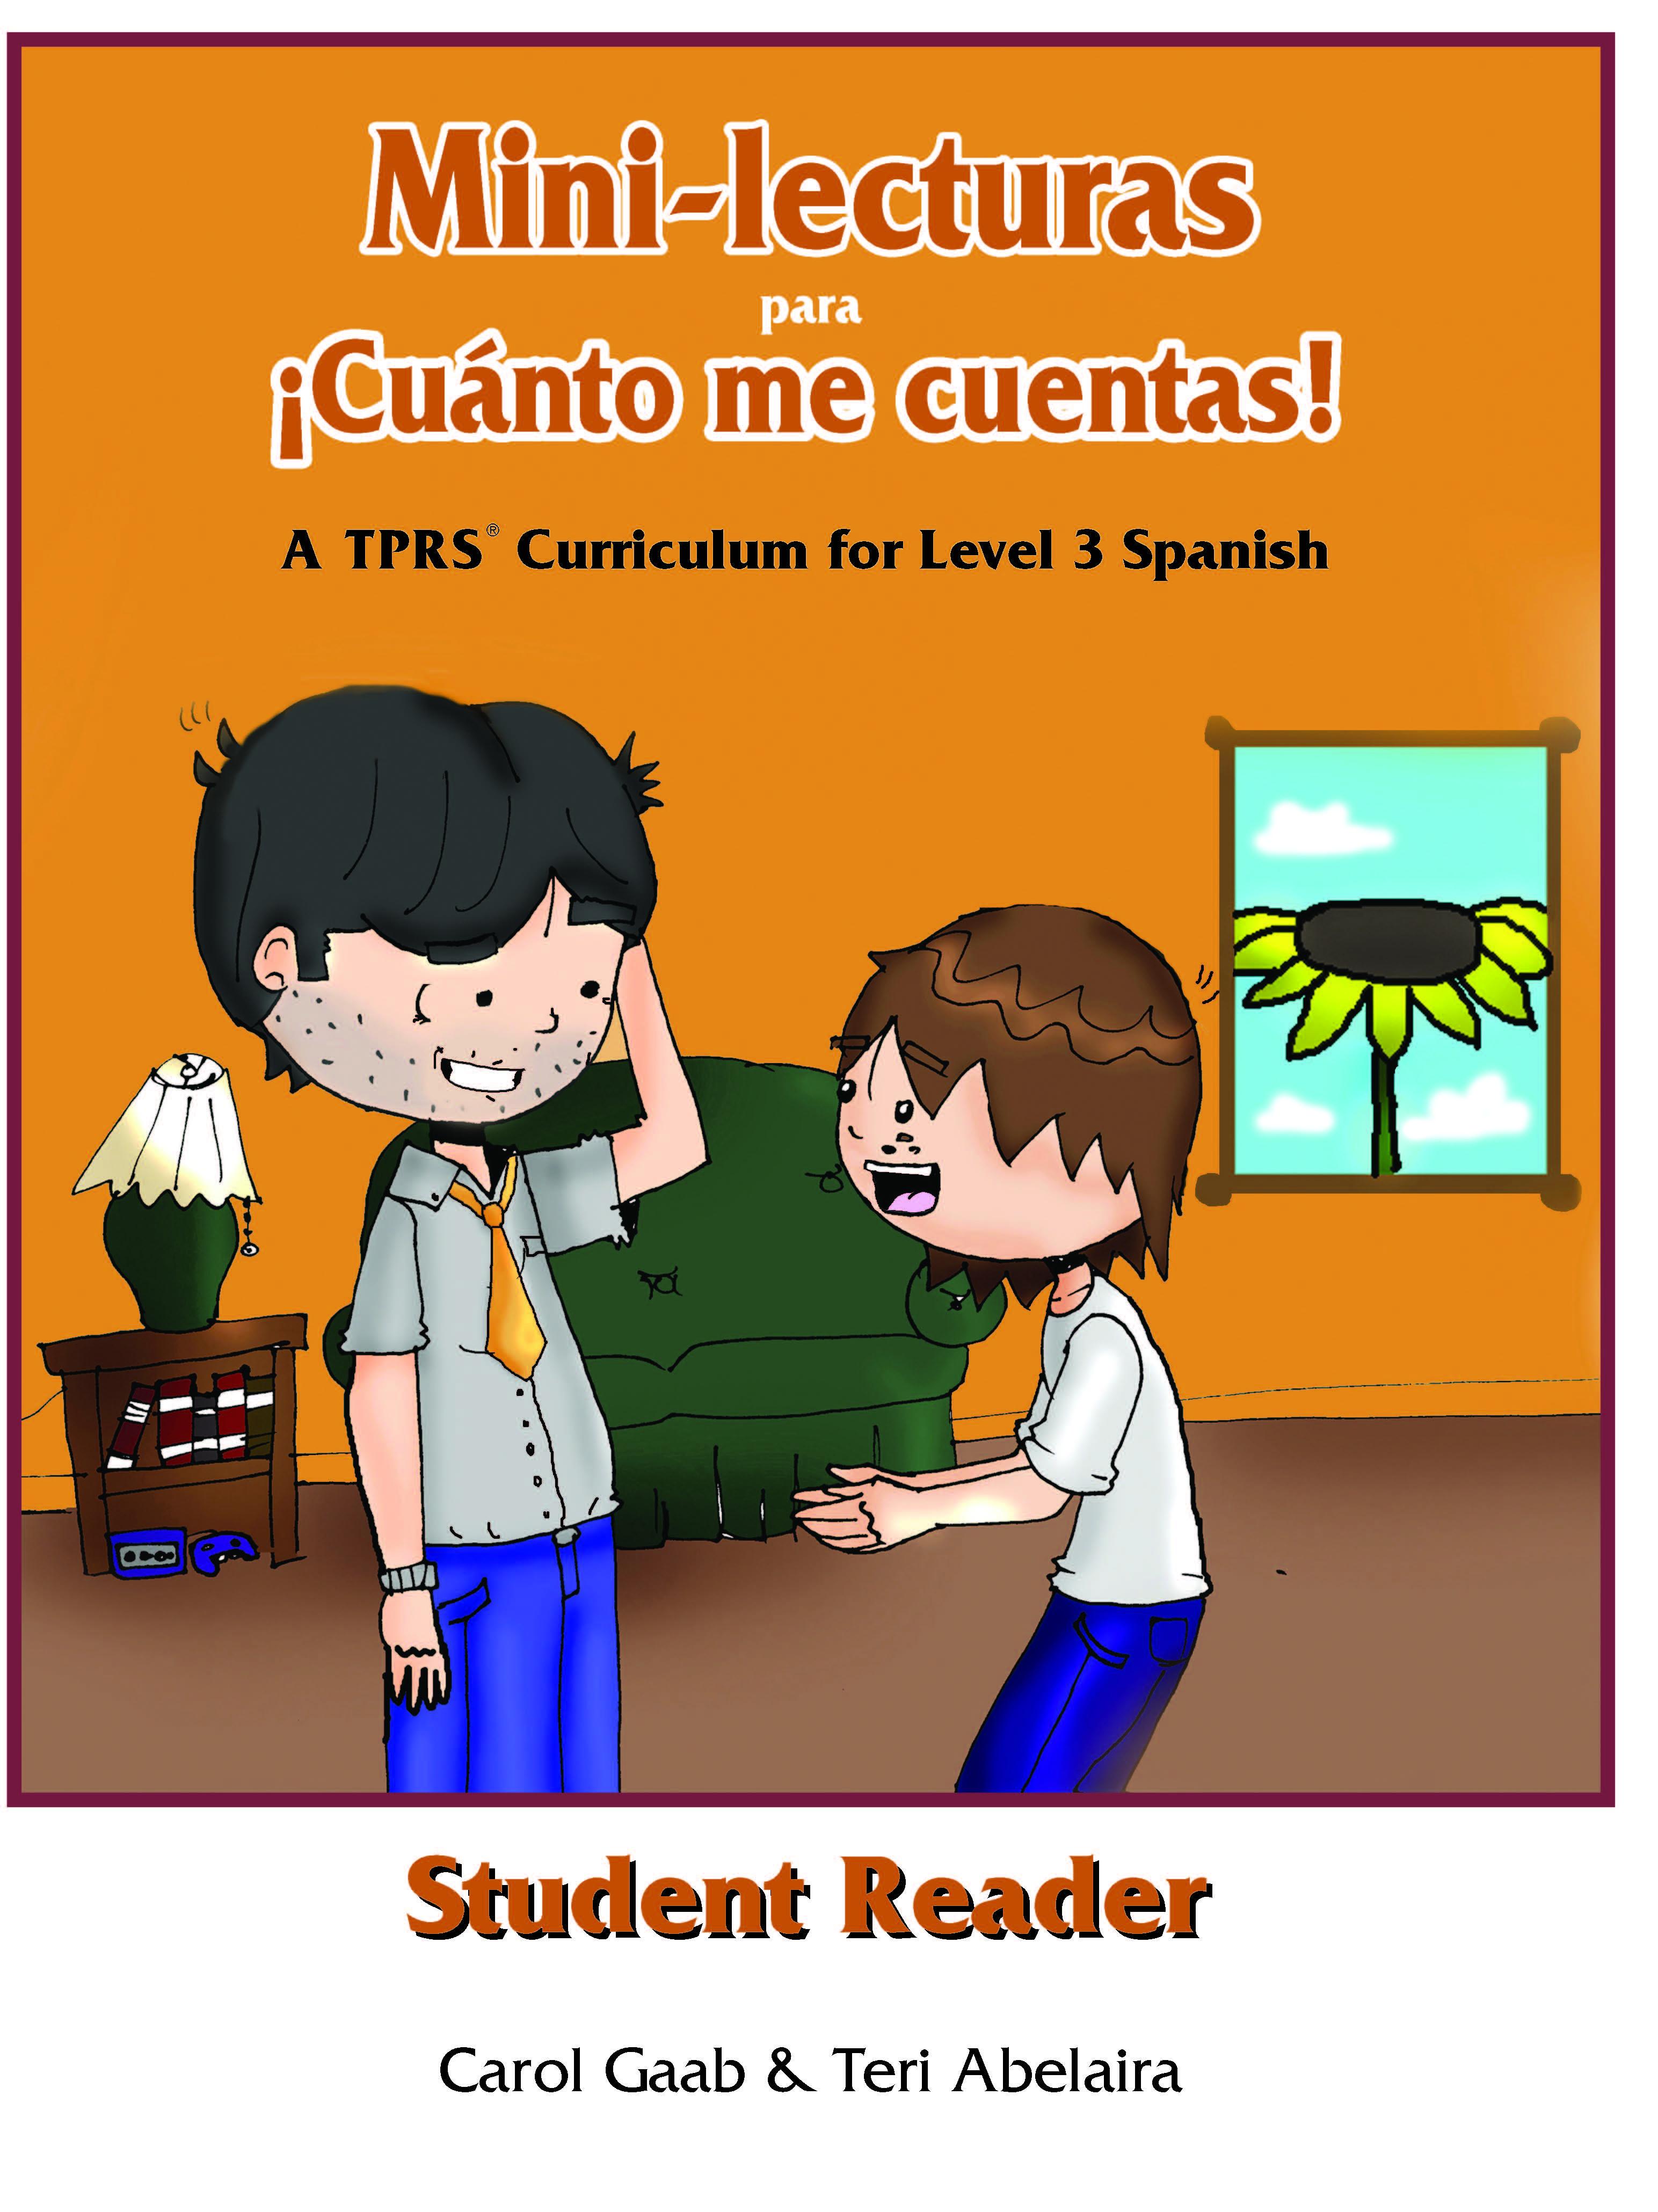 ¡Cuánto me cuentas! Student Reader